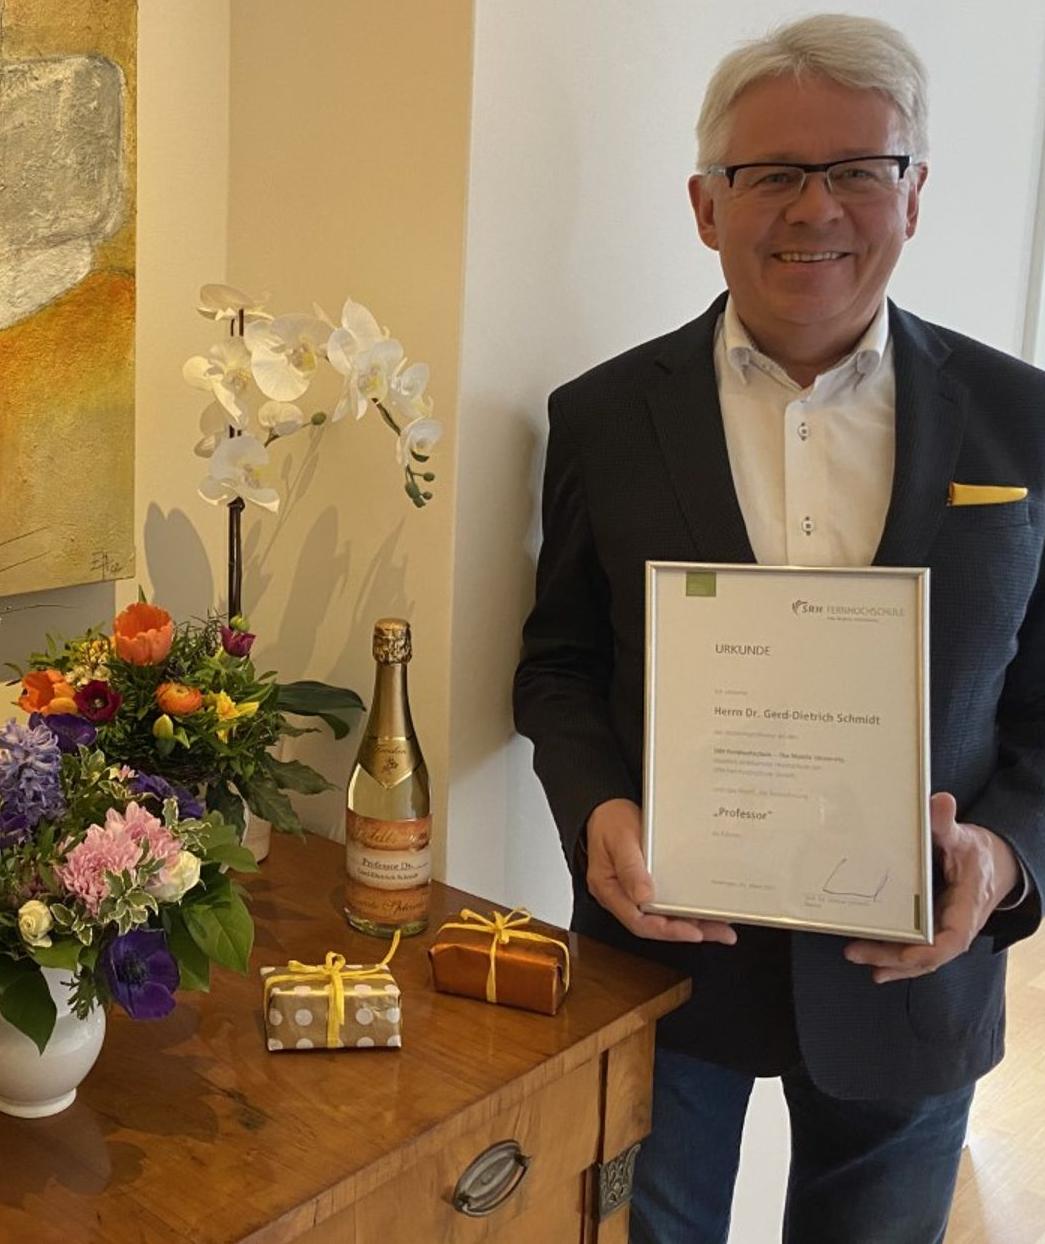 Gründer des Franchisesystems der Duden Institute für Lerntherapie erhält Honorarprofessur